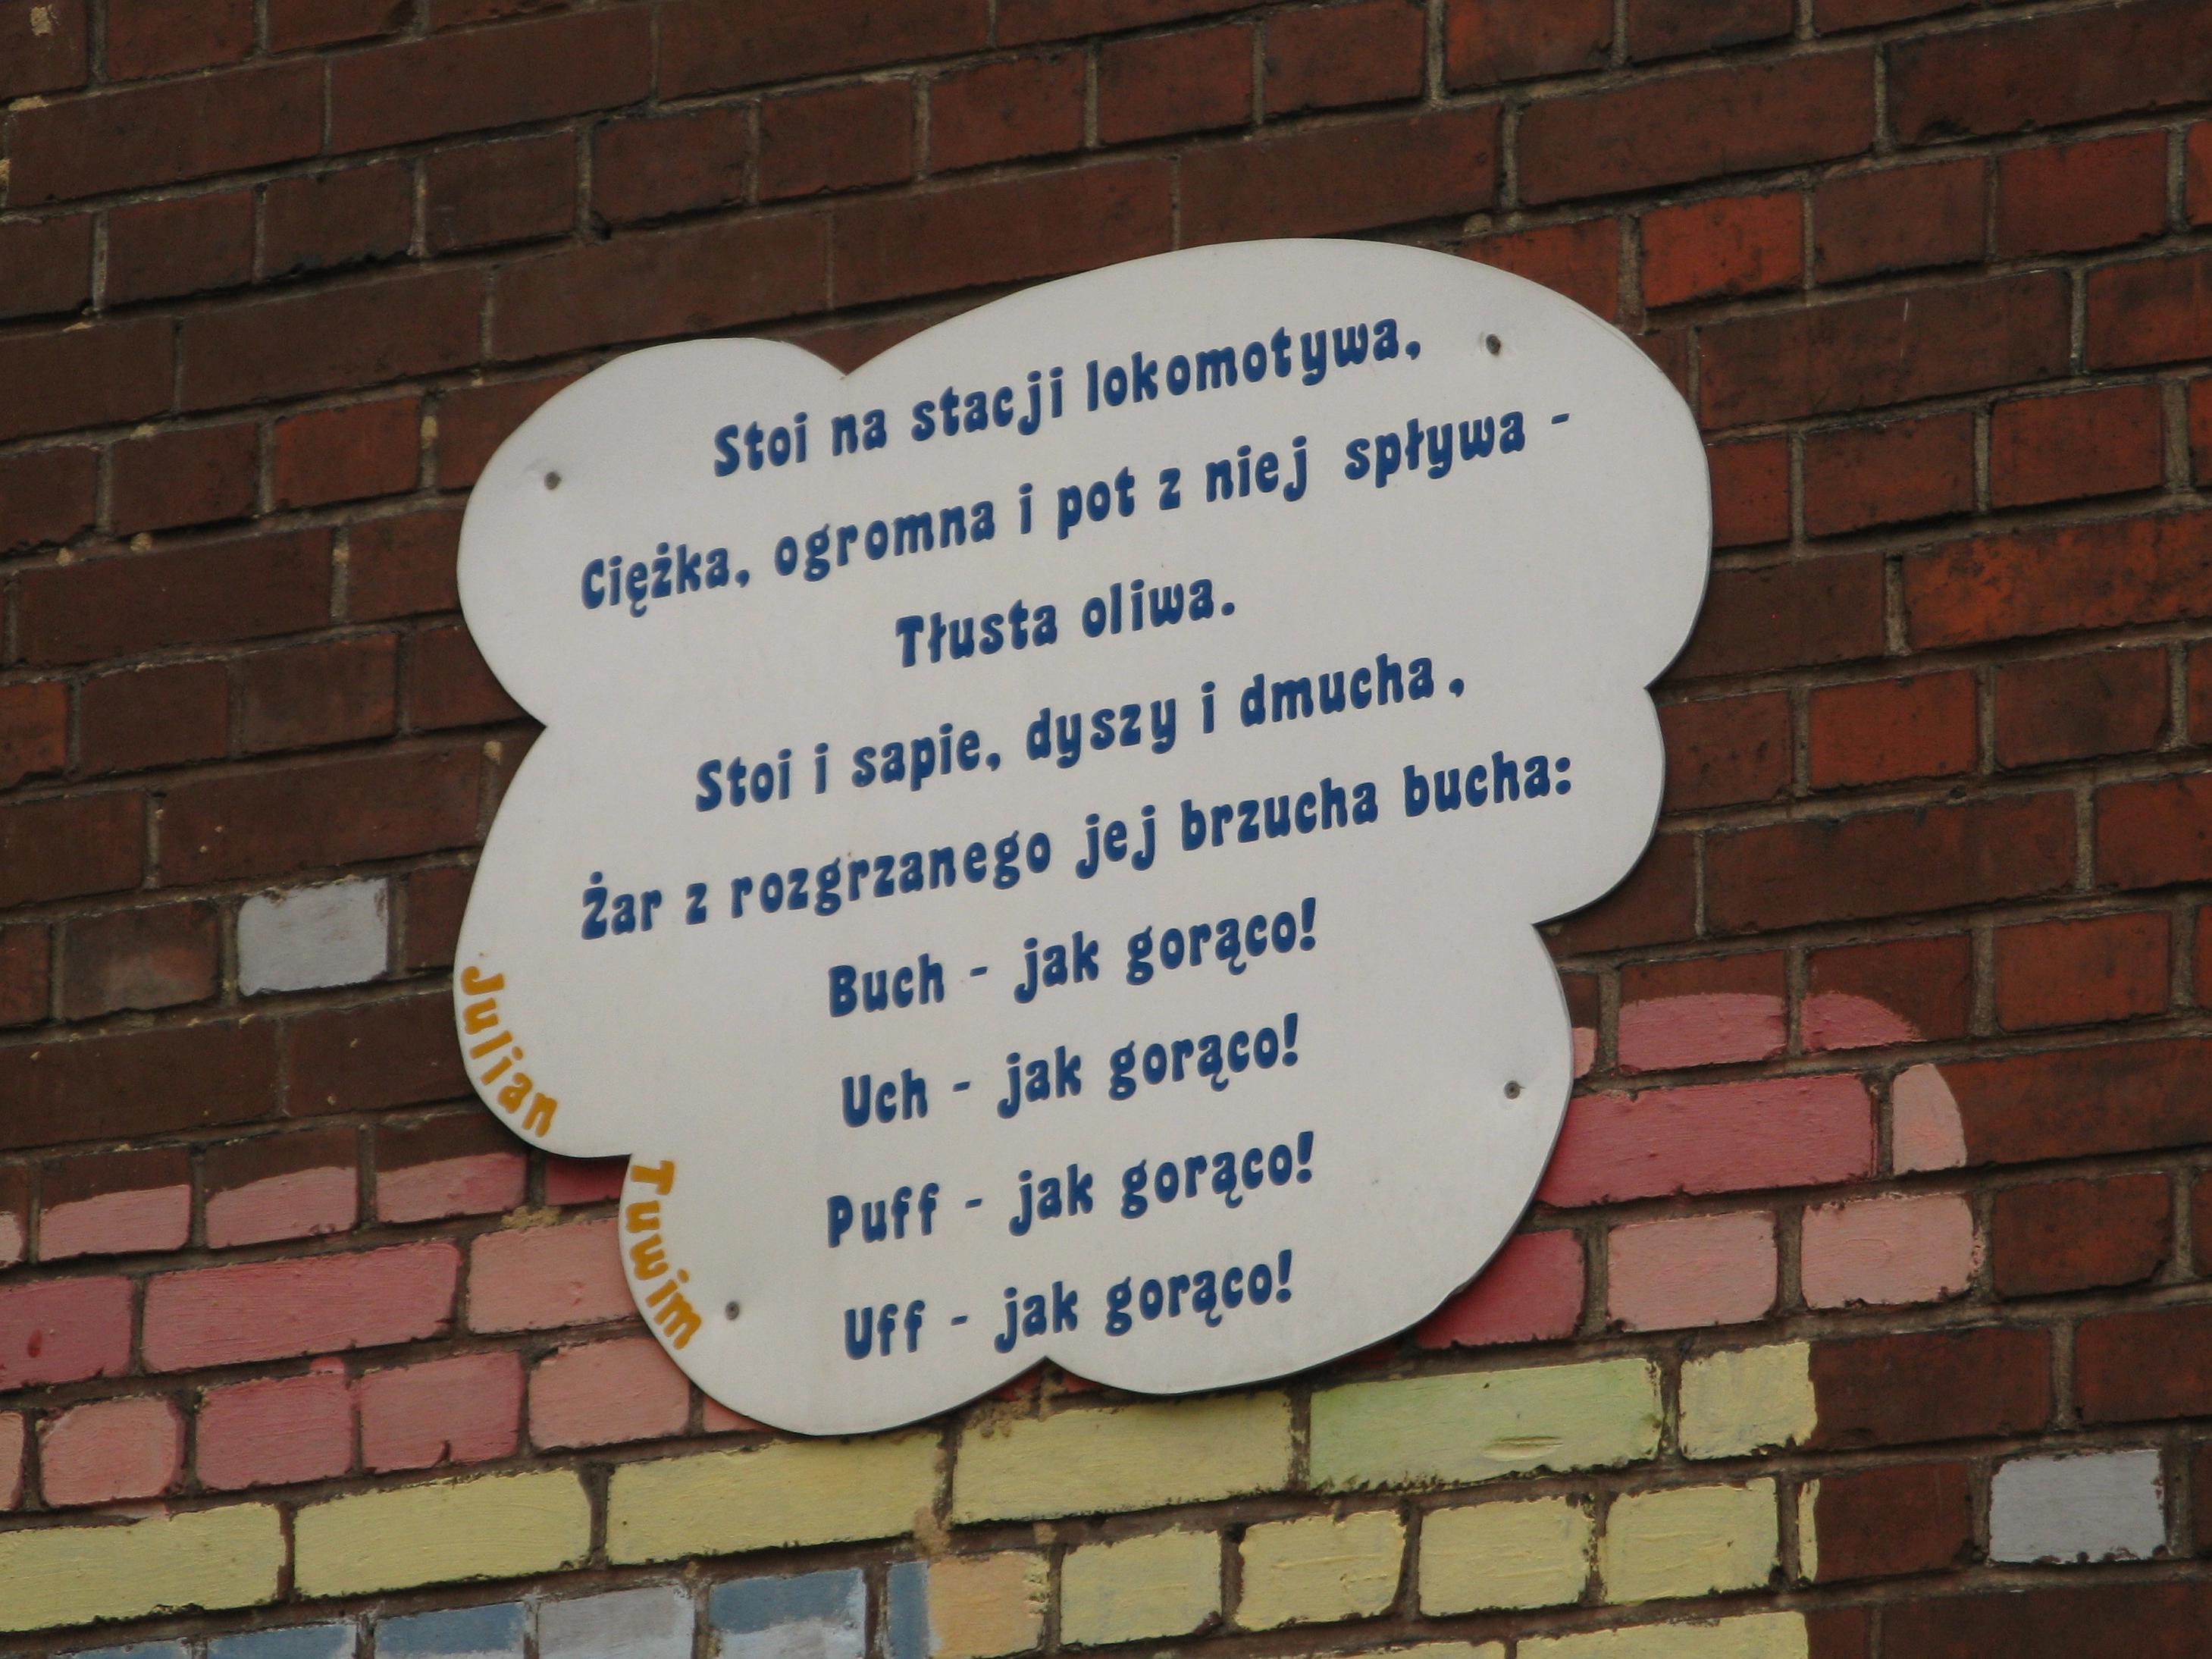 Lokomotywa Wiersz Wikipedia Wolna Encyklopedia